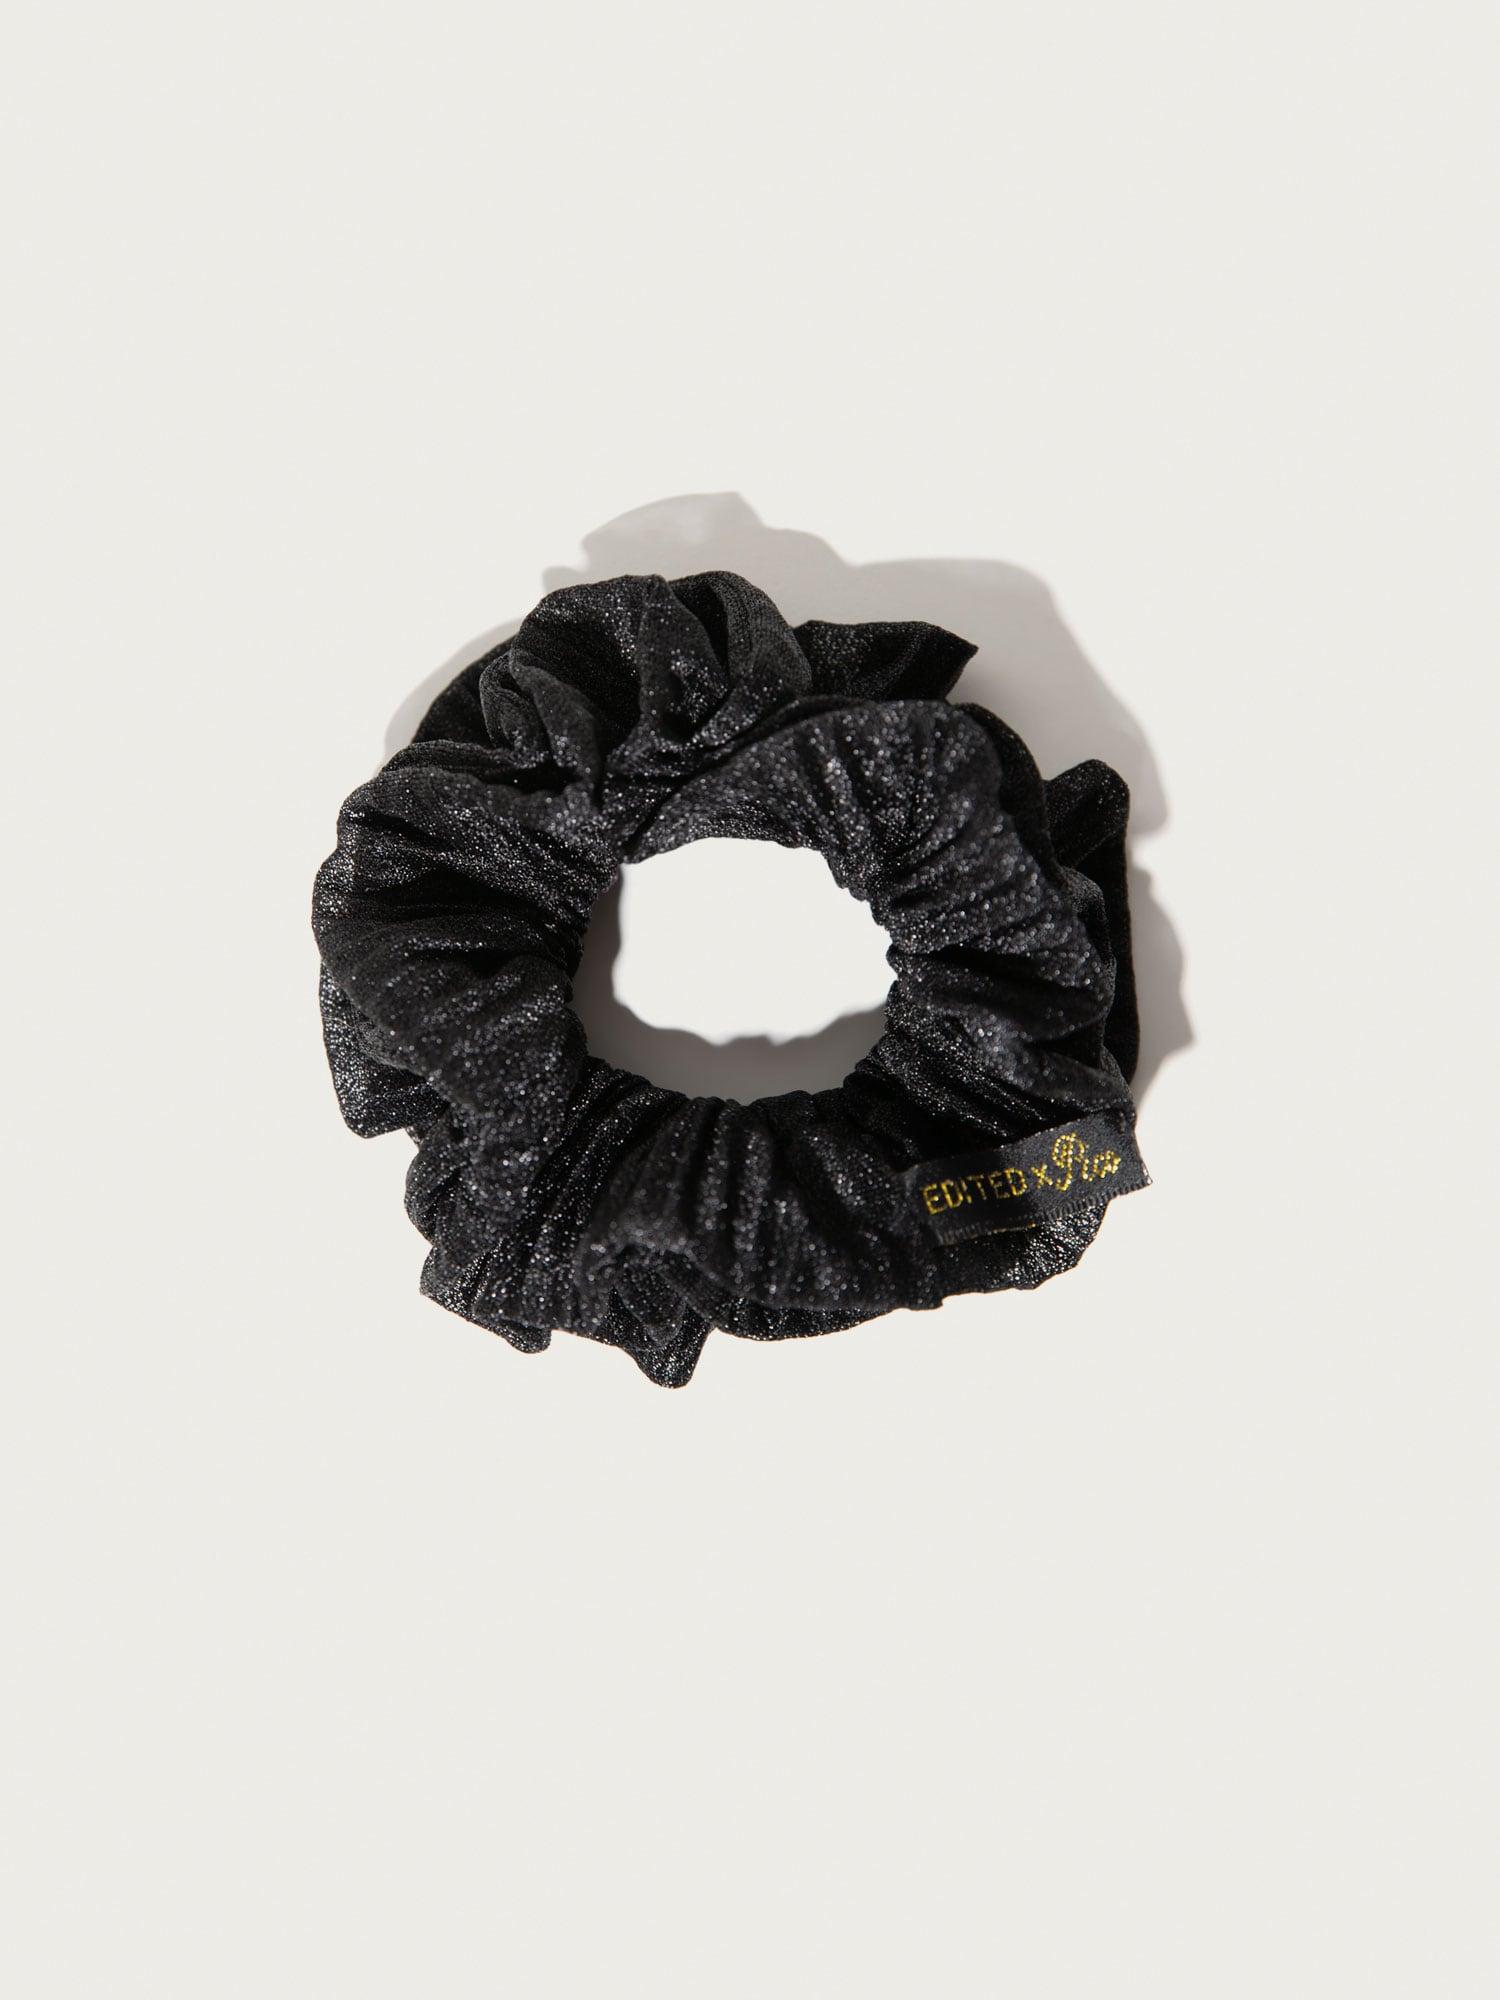 Šperky do vlasů Shimmer černá Pico For EDITED